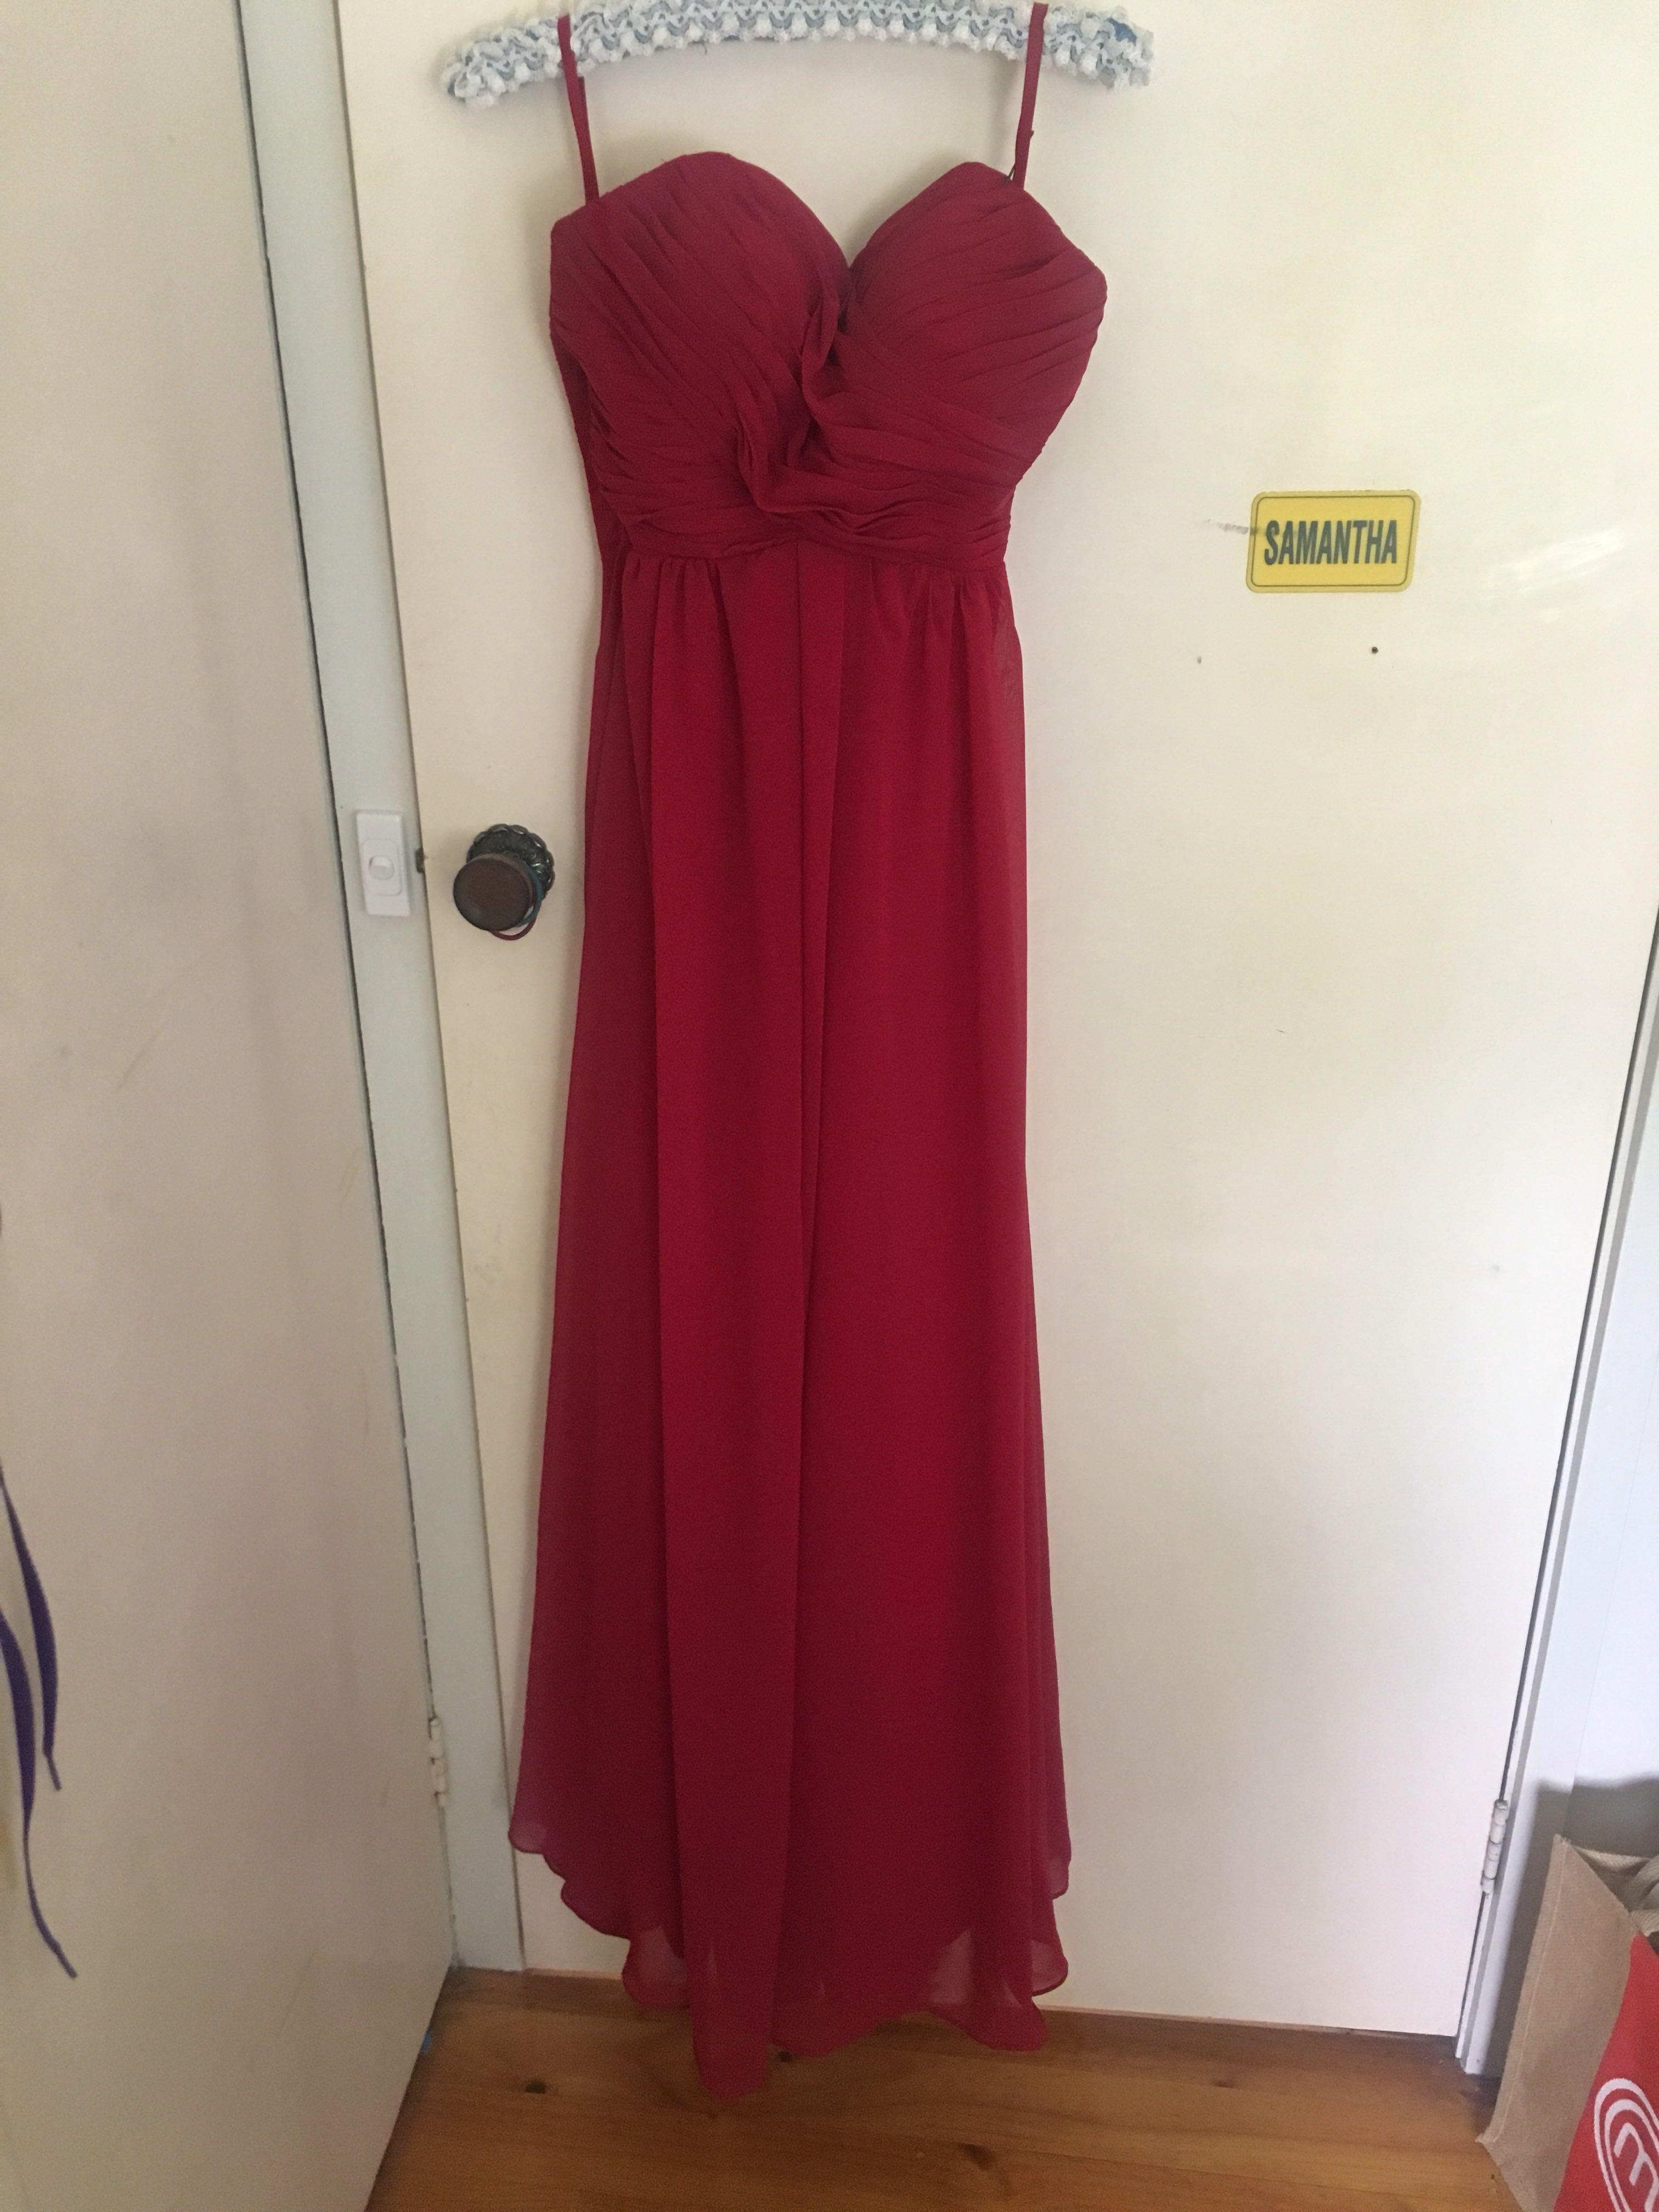 Red floor length strapless dress